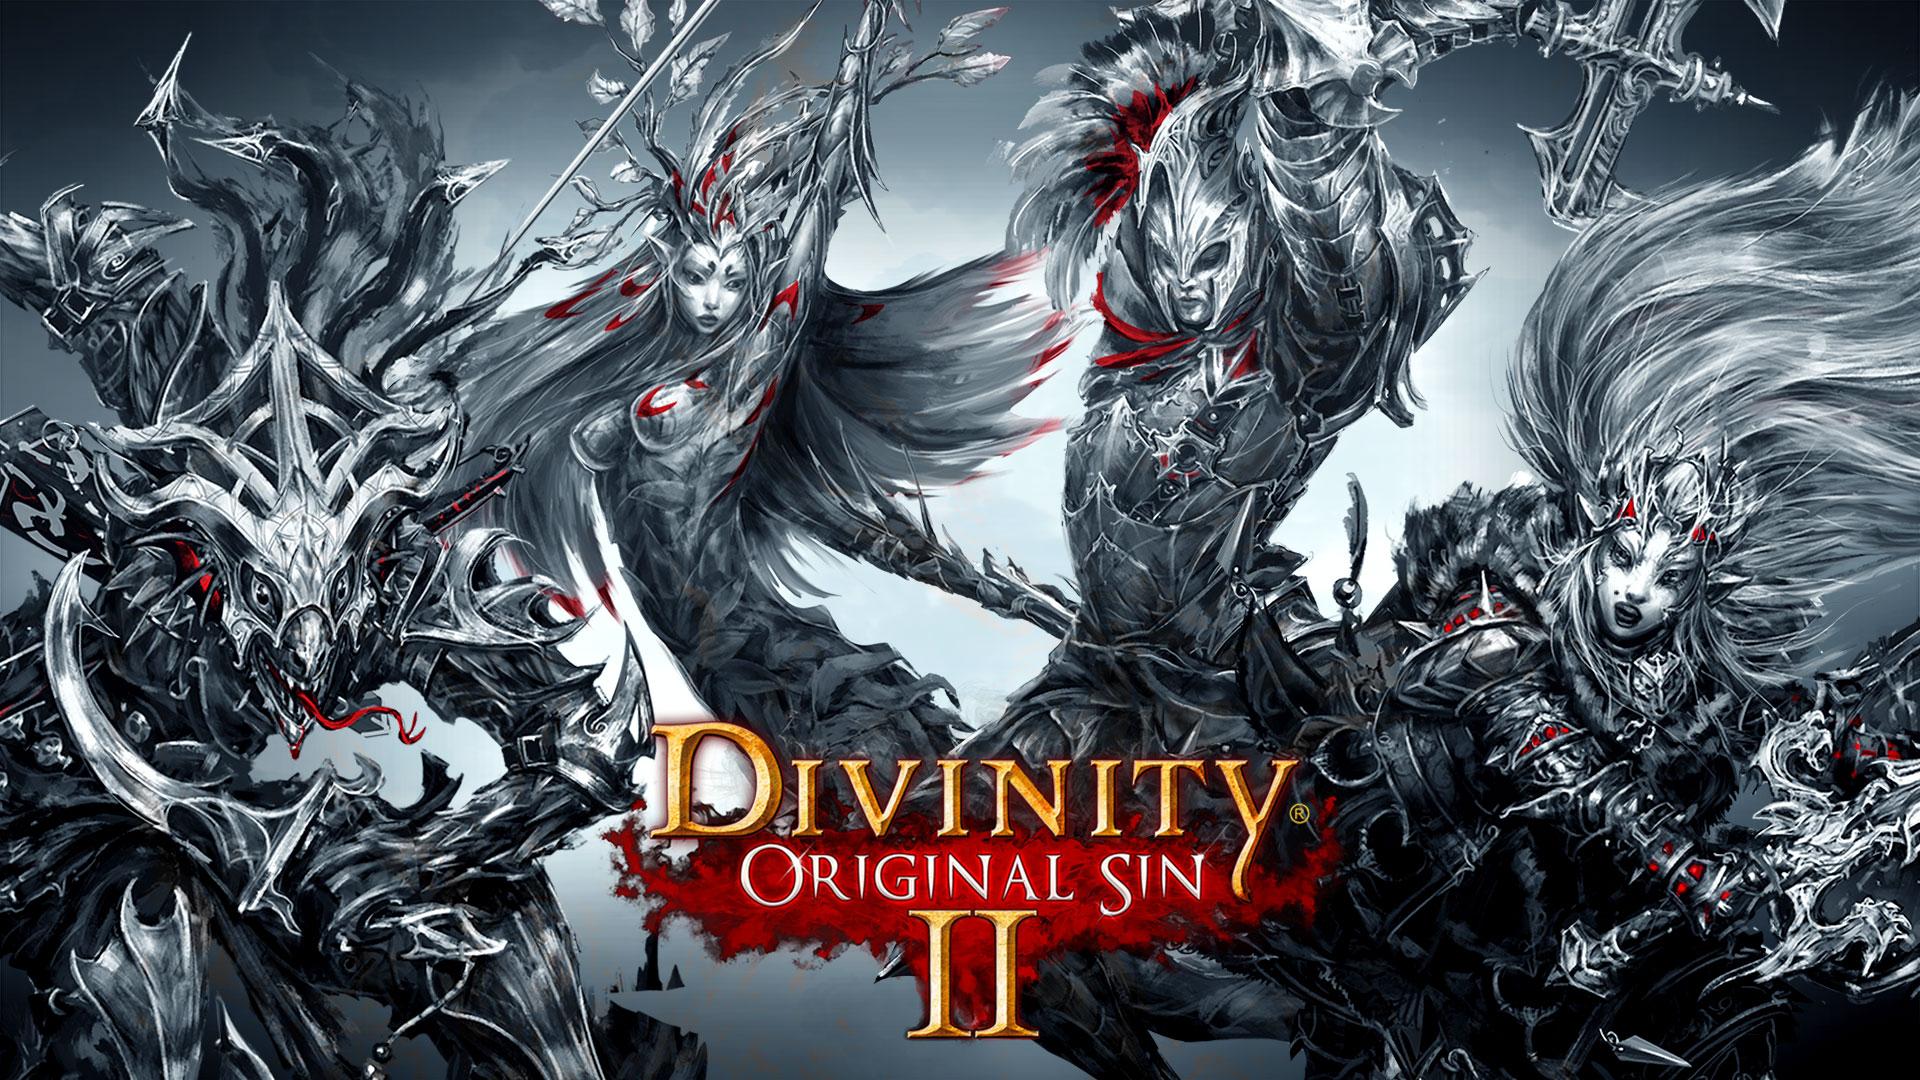 Divinity Original Sin Ii Fondo De Pantalla Hd Fondo De